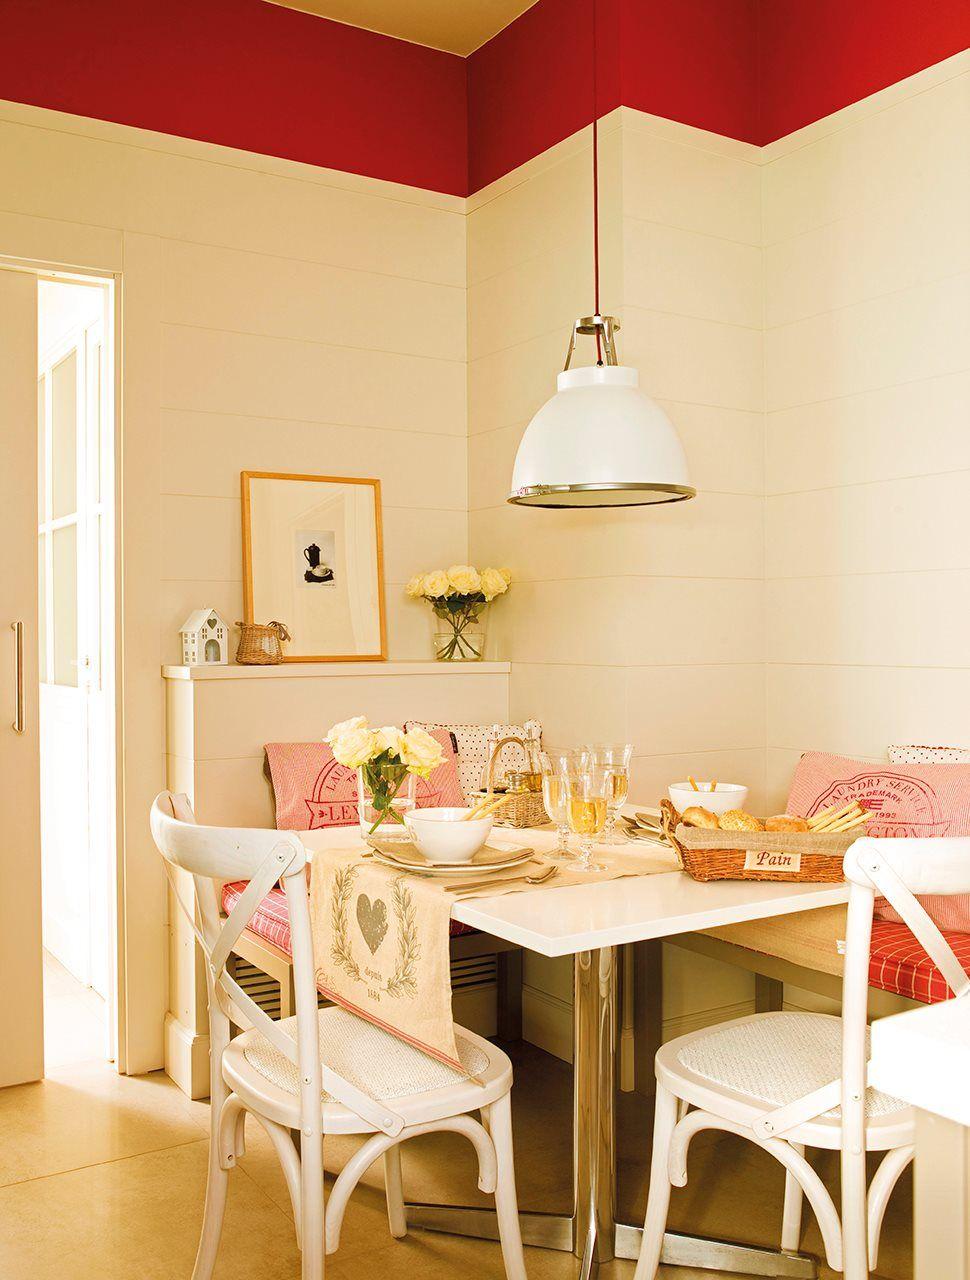 ideas para comer en la cocina · ElMueble.com · Cocinas y baños ...